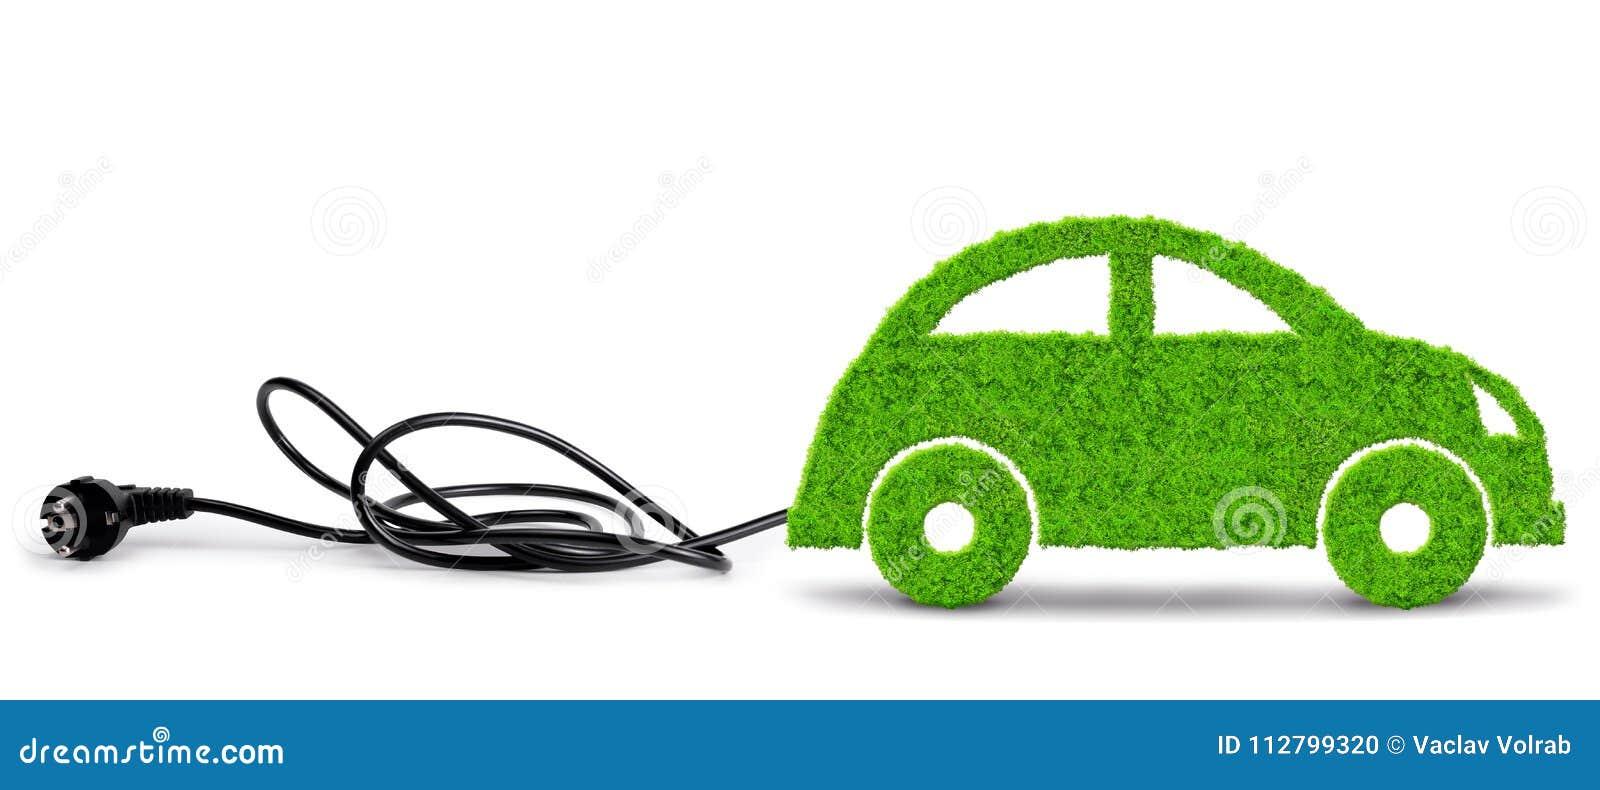 Coche verde del eco con el enchufe eléctrico en el fondo blanco